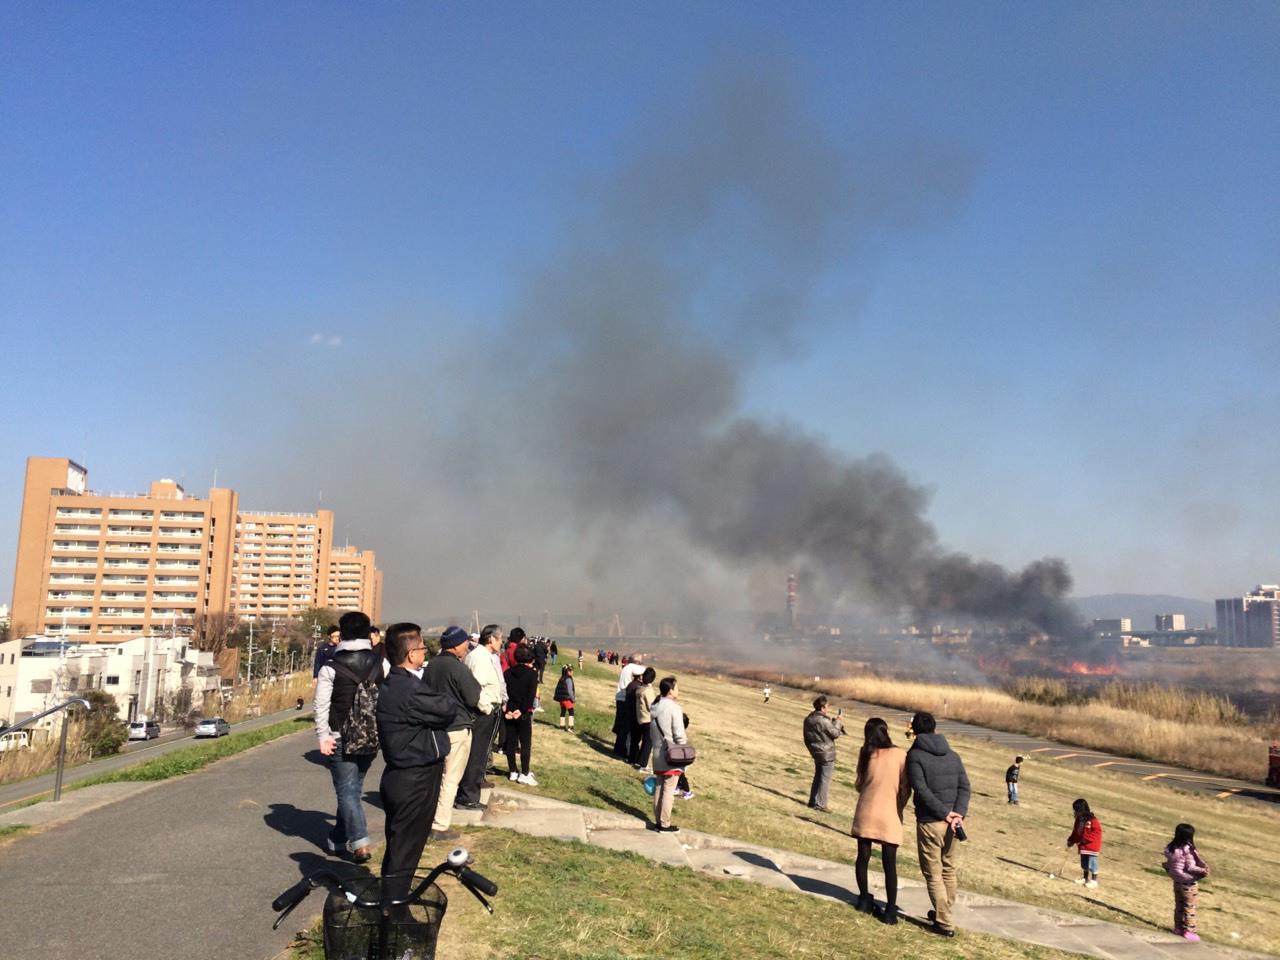 【守口】守口側まで燃えカスが飛んできた淀川の火災現場はこうなっていた!